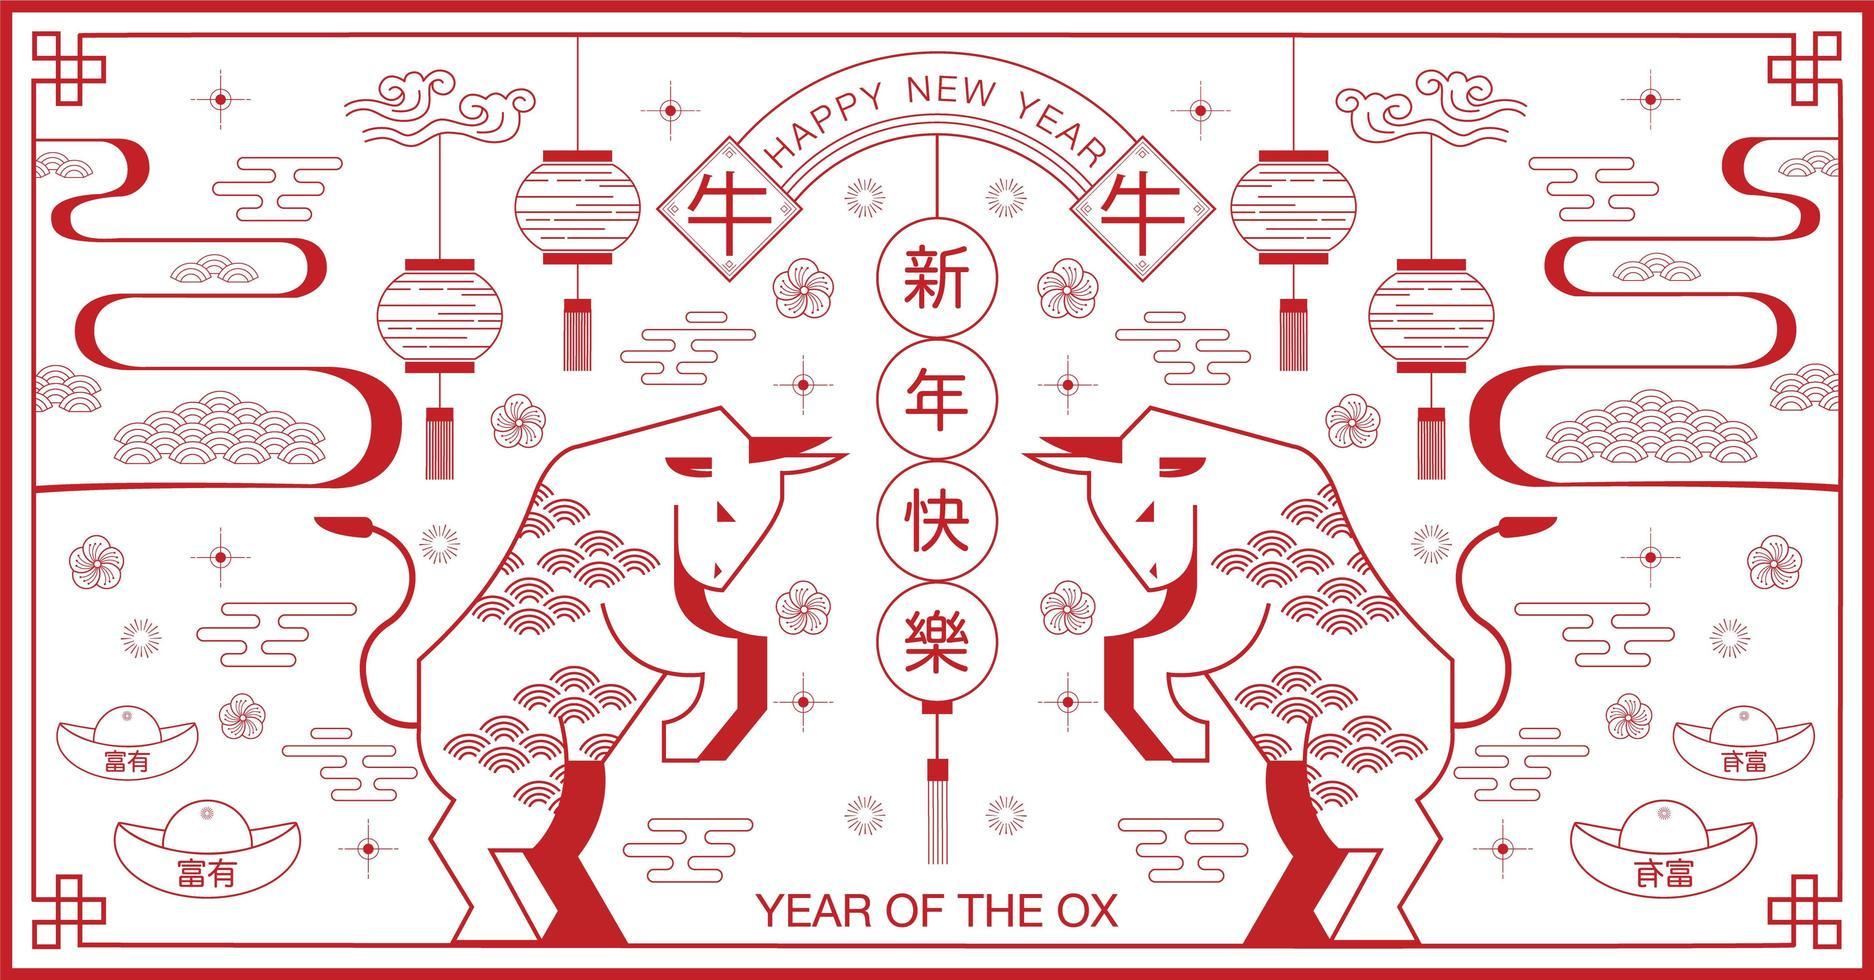 bandiera cinese rossa e bianca ornamentale di nuovo anno vettore